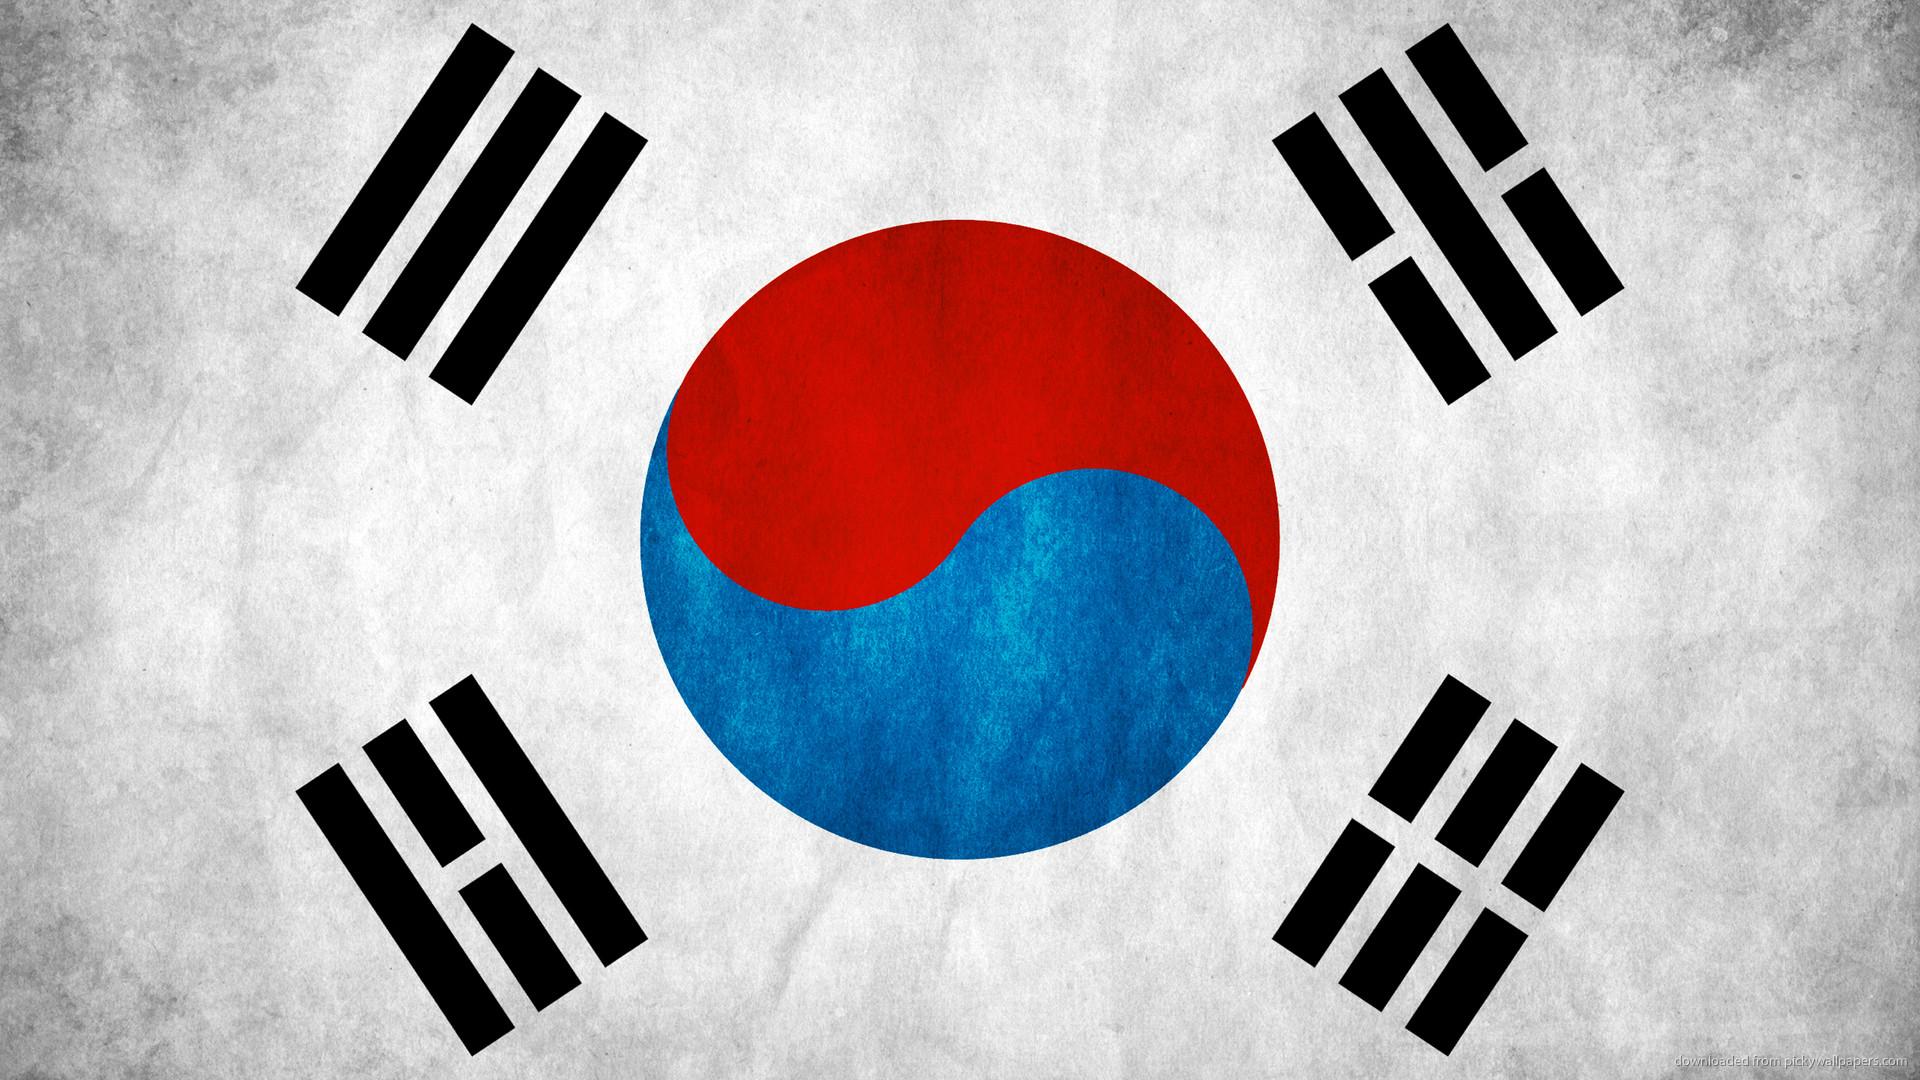 Korean Flag Wallpaper 70 Images